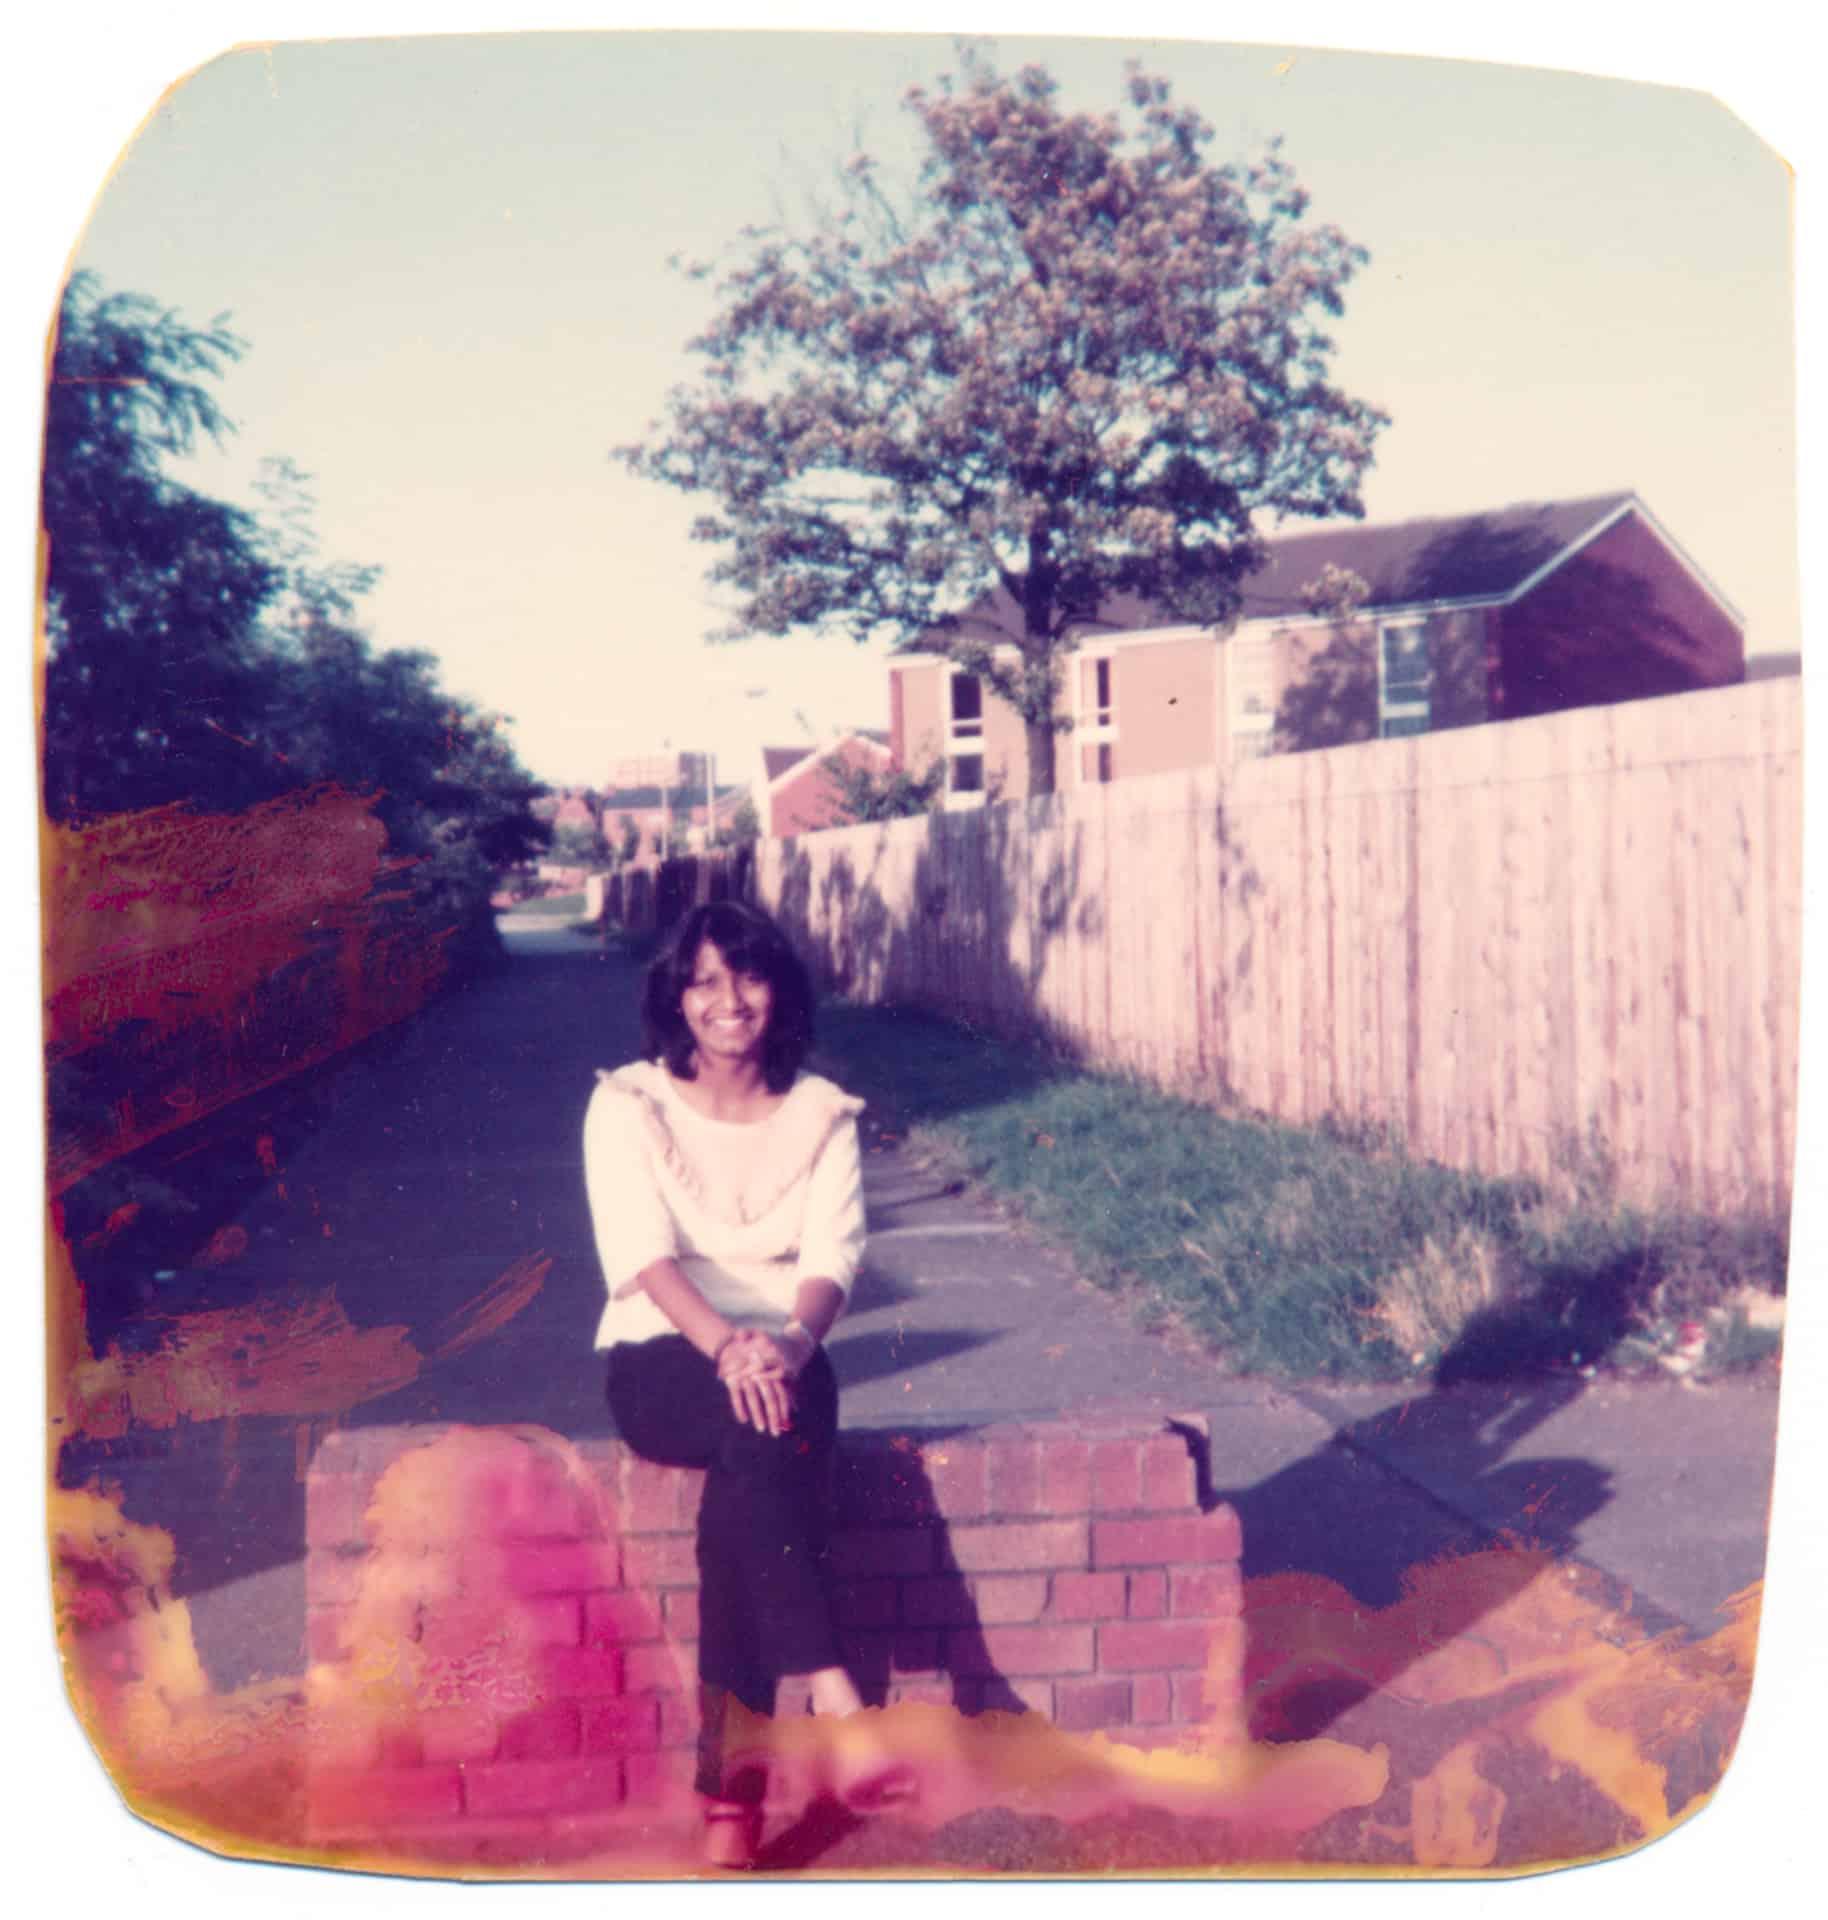 Photo of Jyoti Patel taken in Walsall